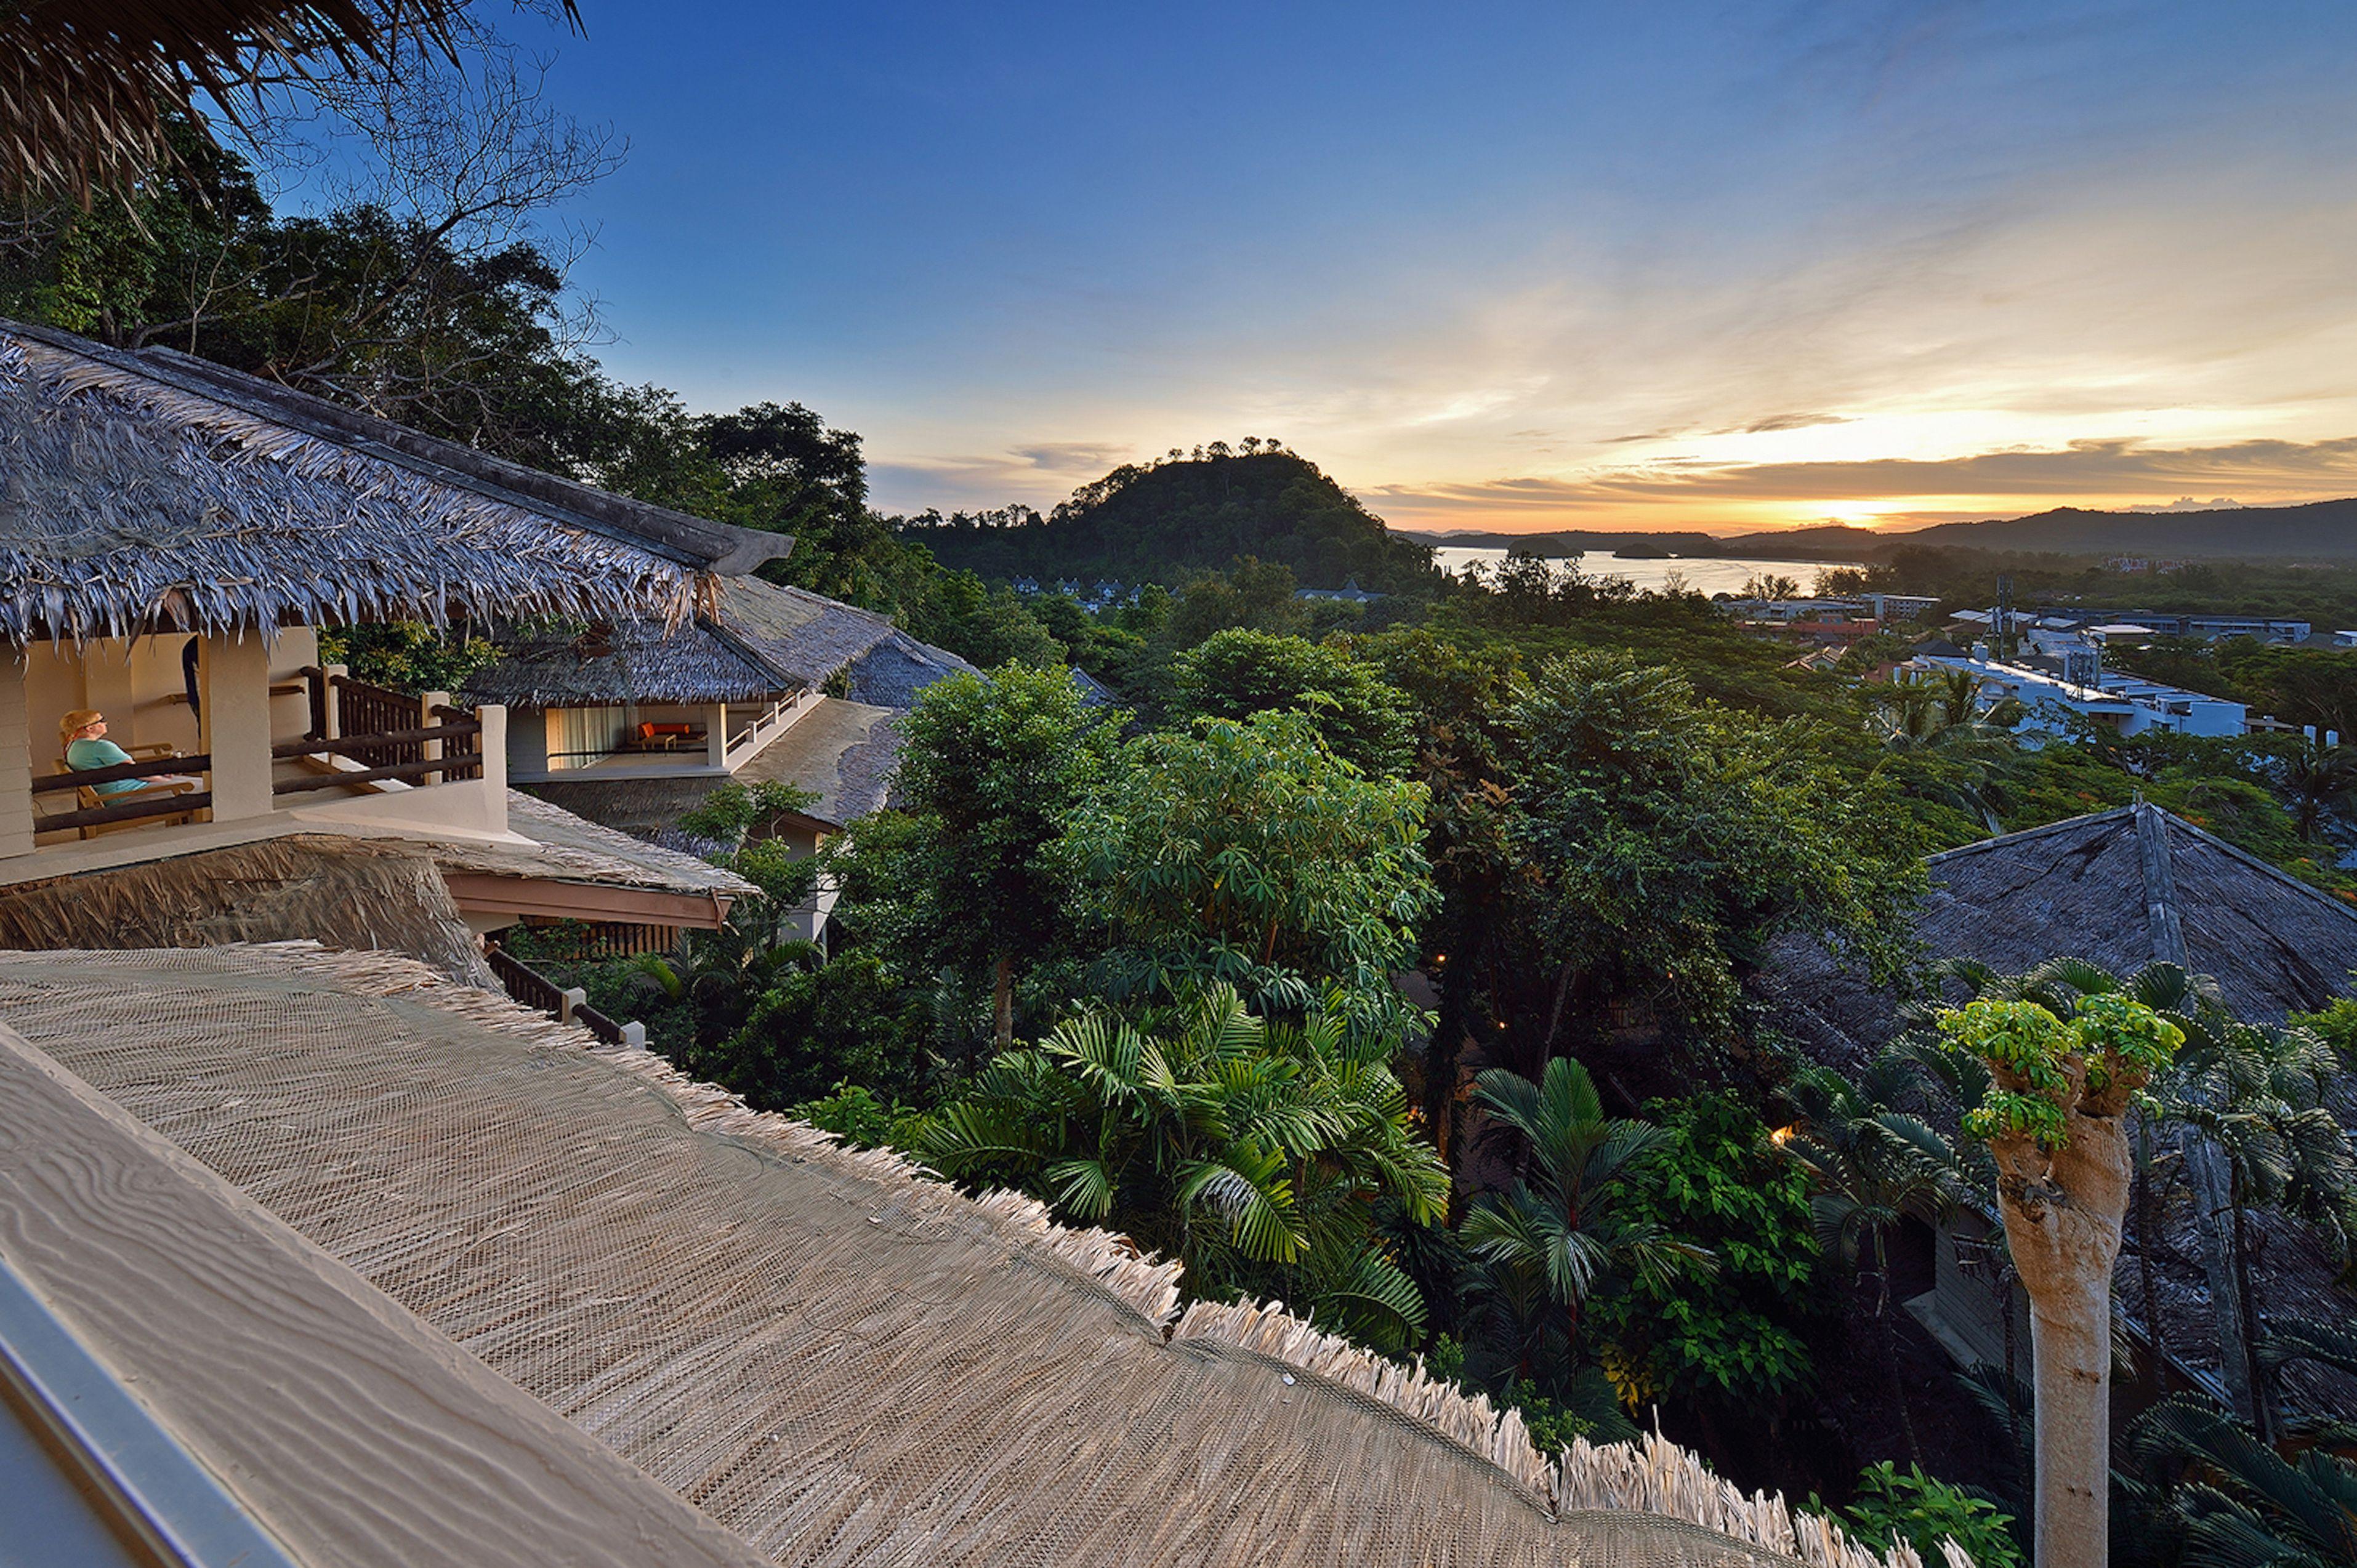 Thailand_Pakasai_Resort1.jpg?1556019571